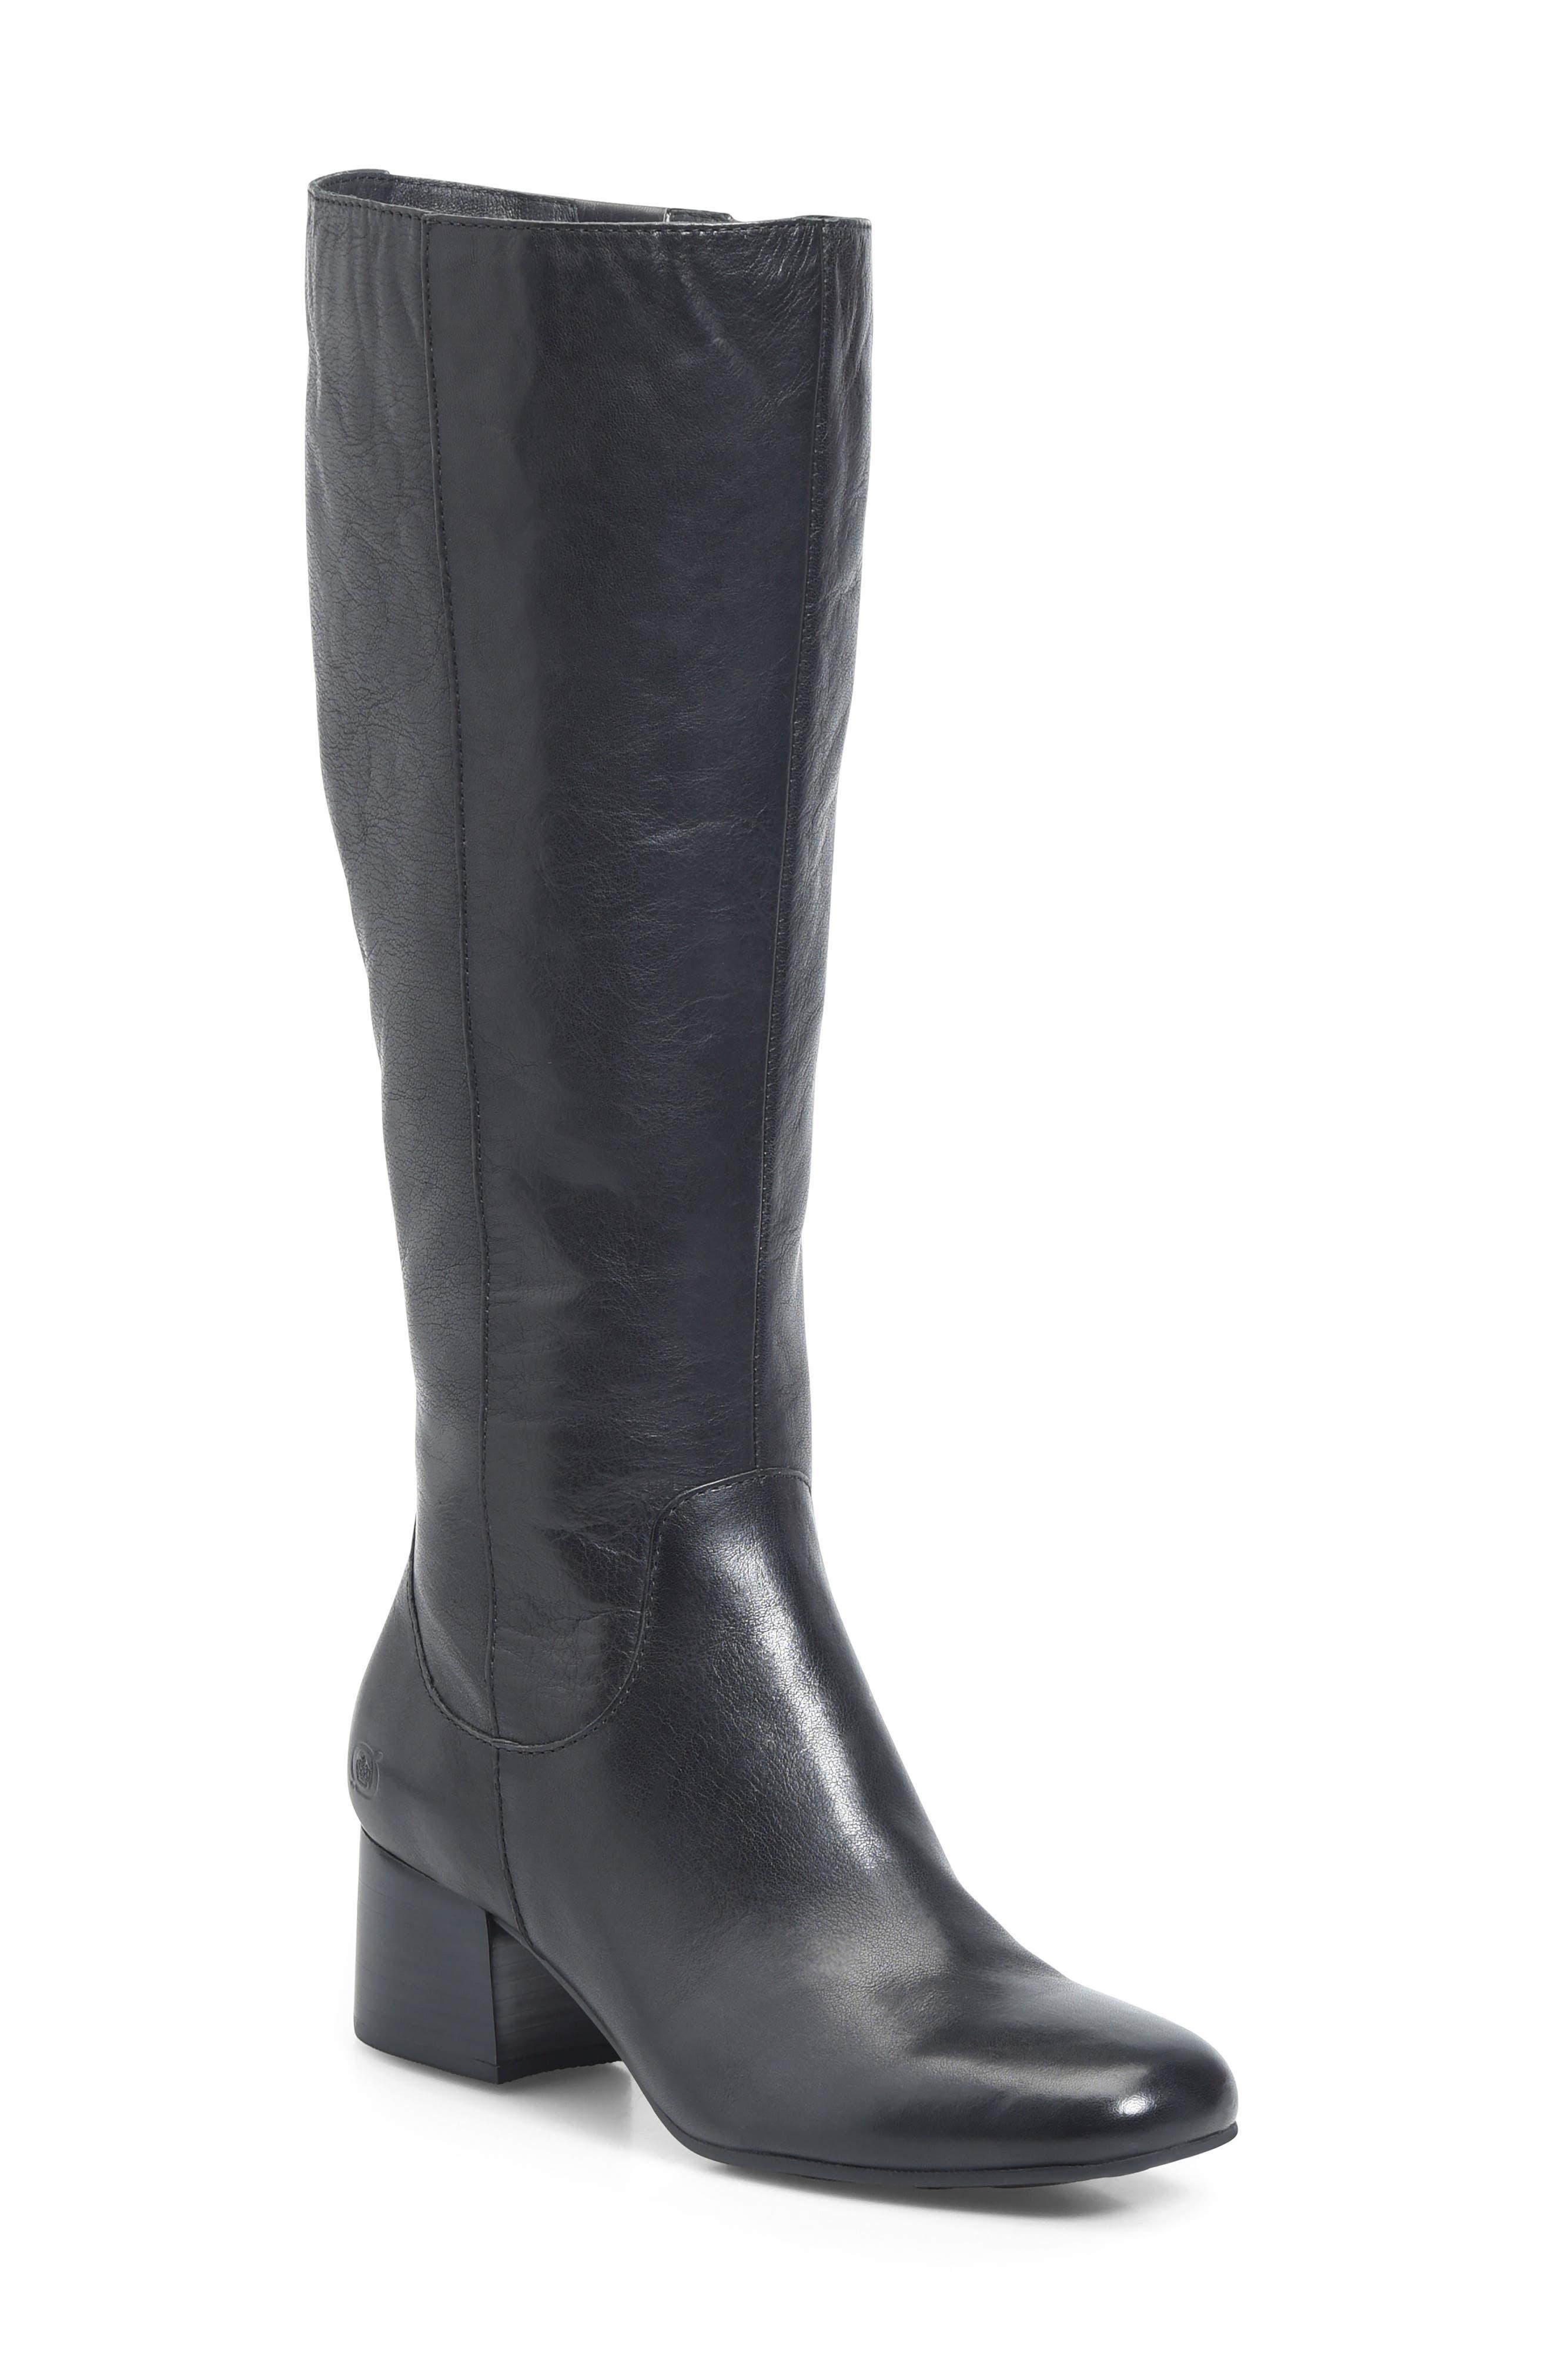 Børn Avala Knee High Boot (Women)